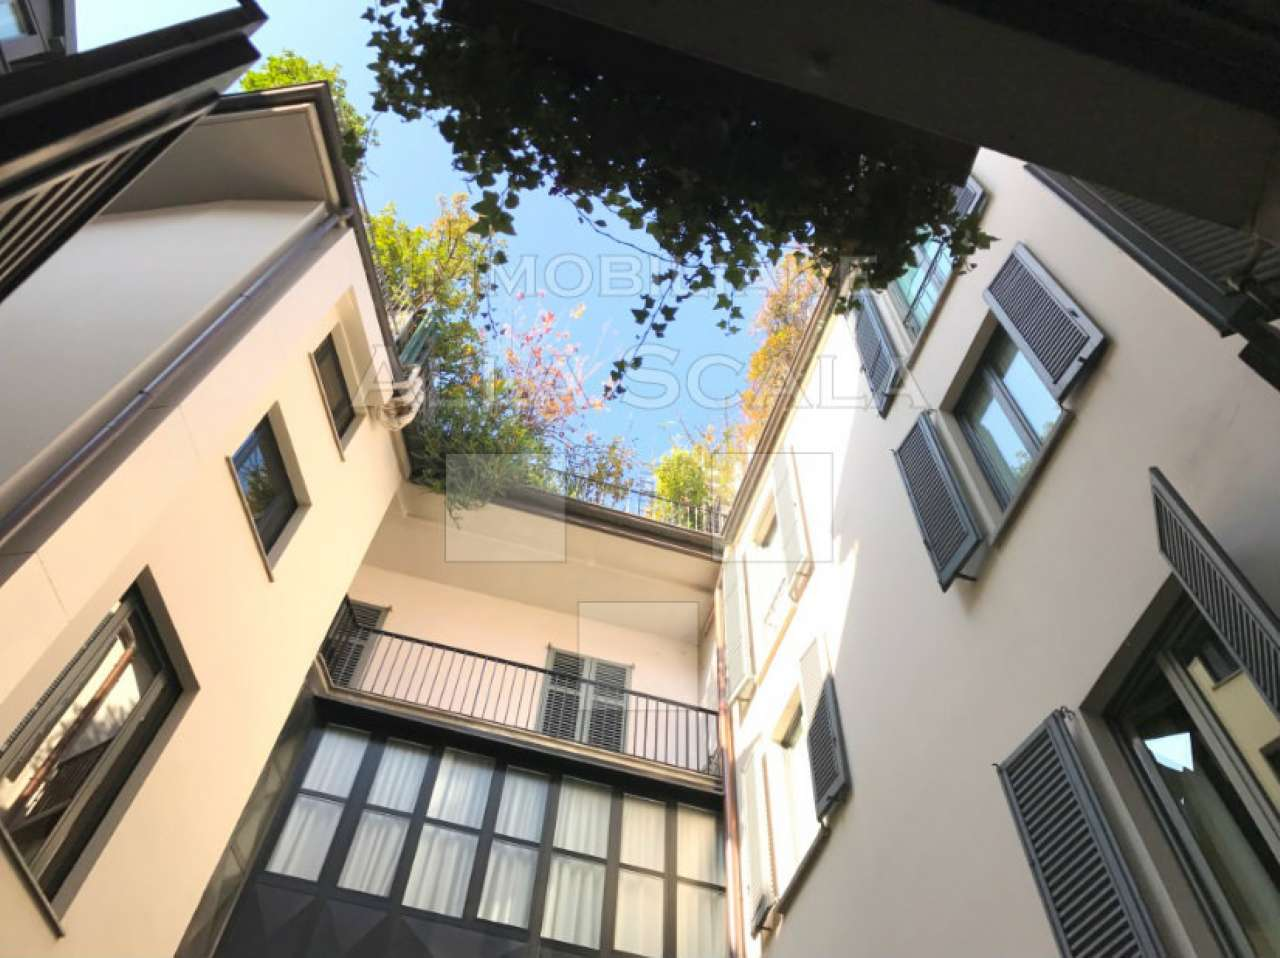 Appartamento in Vendita a Milano: 4 locali, 150 mq - Foto 6